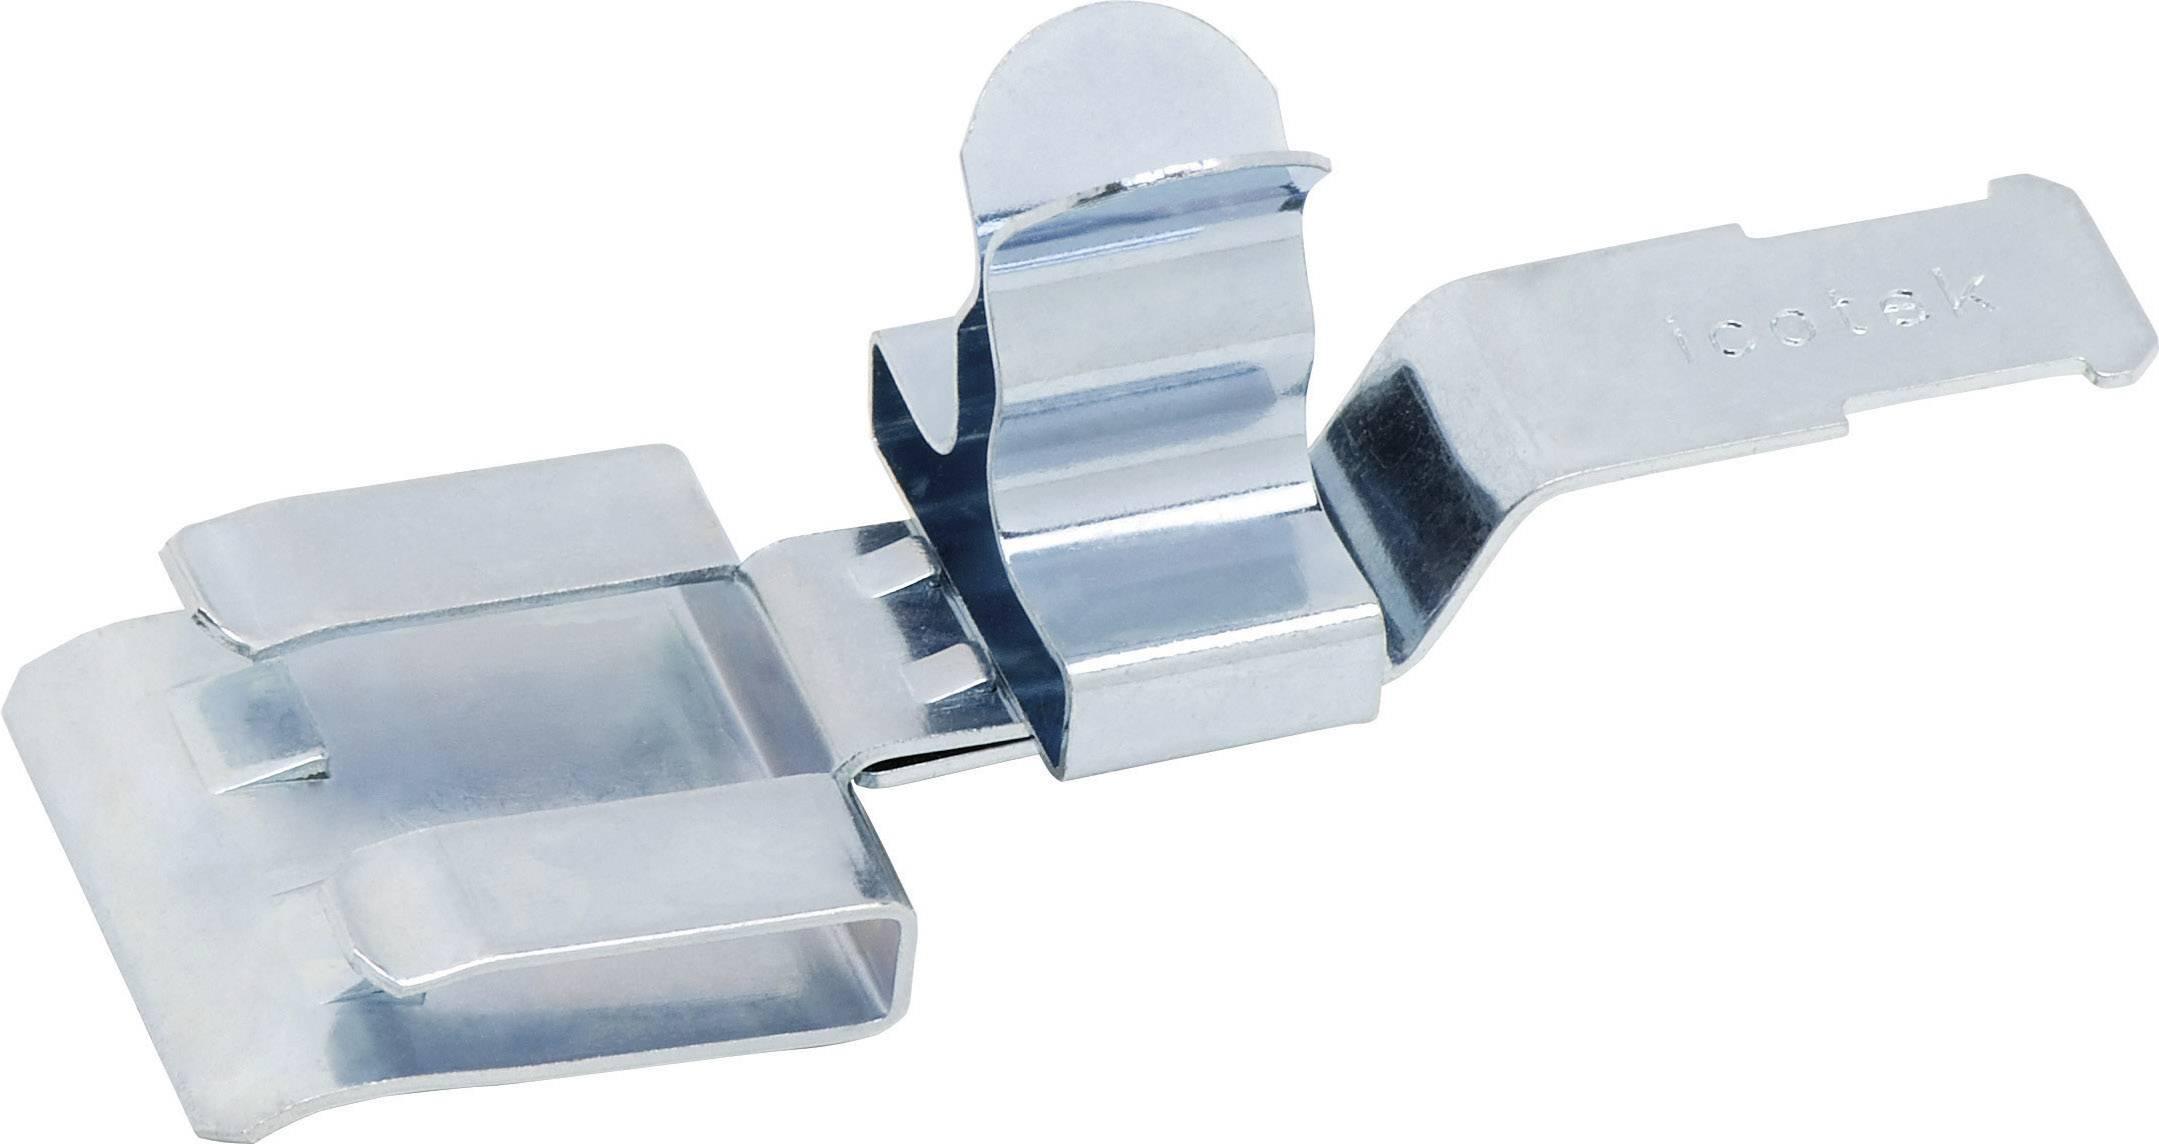 Icotek Zaščitna sponka PFZ PFZ|SKL 3-6 za kabel- 3 - 6 mm, pocinkano vzmetno jeklo